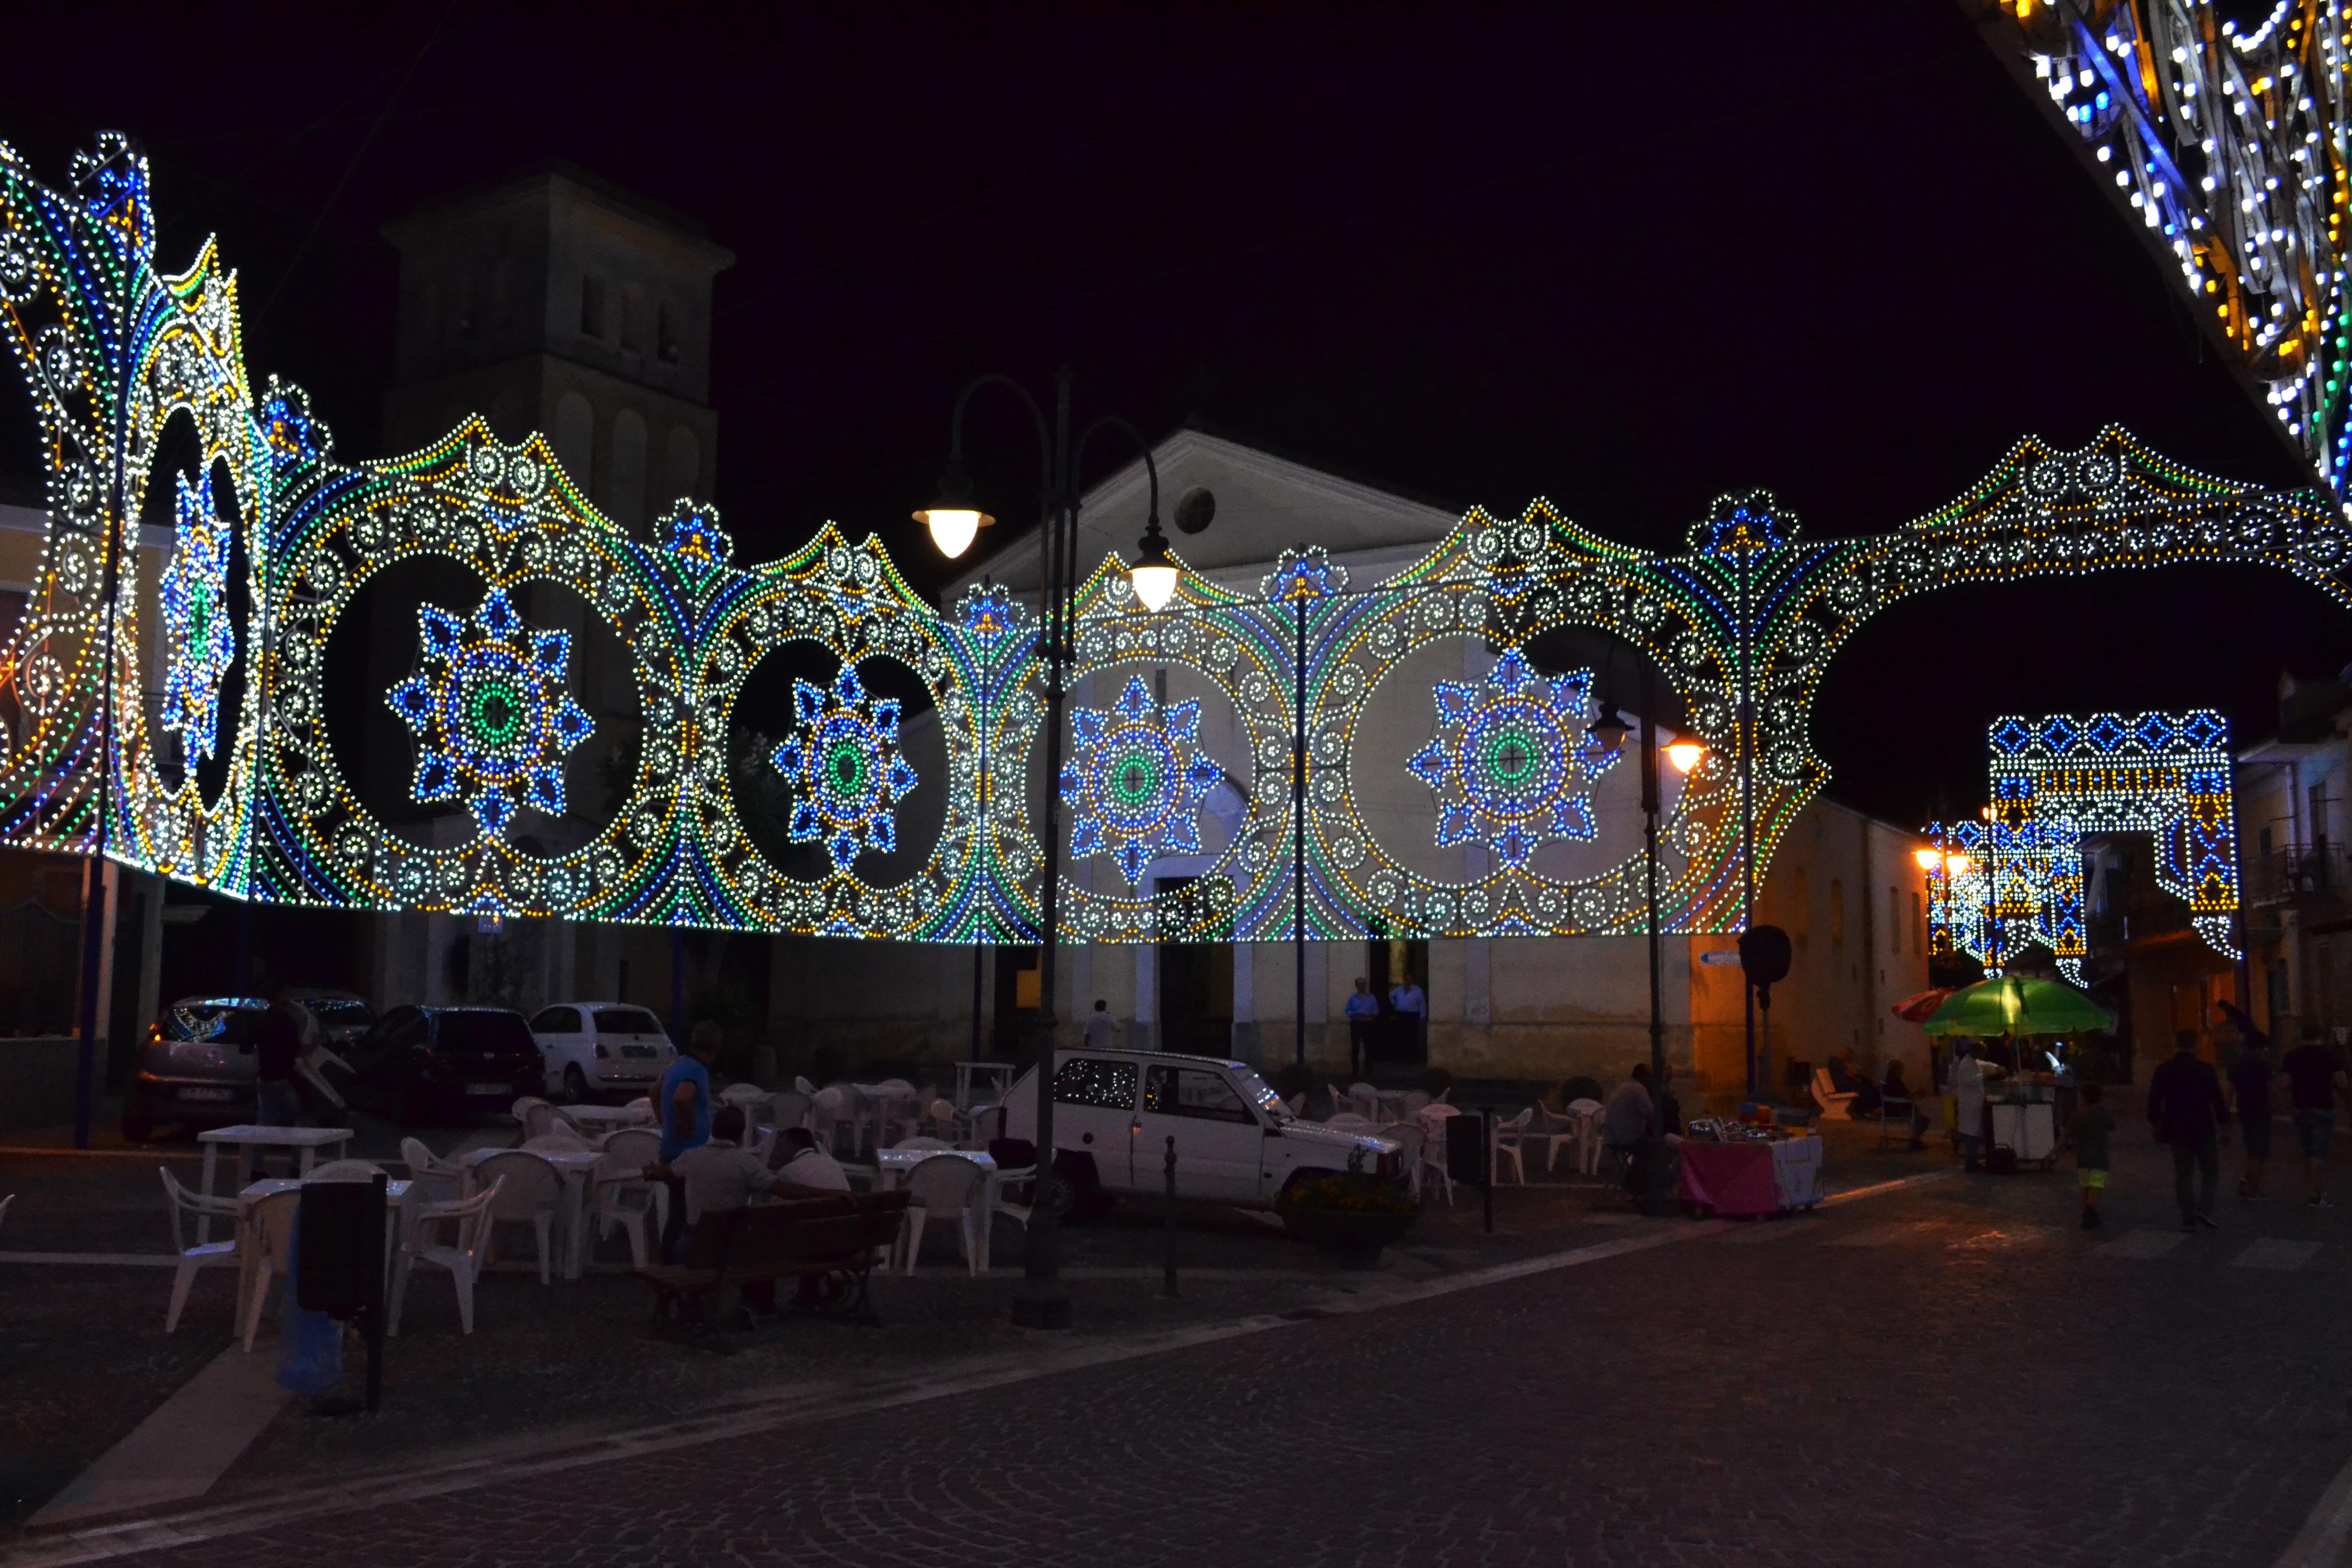 luminarie natale in piazza caserta